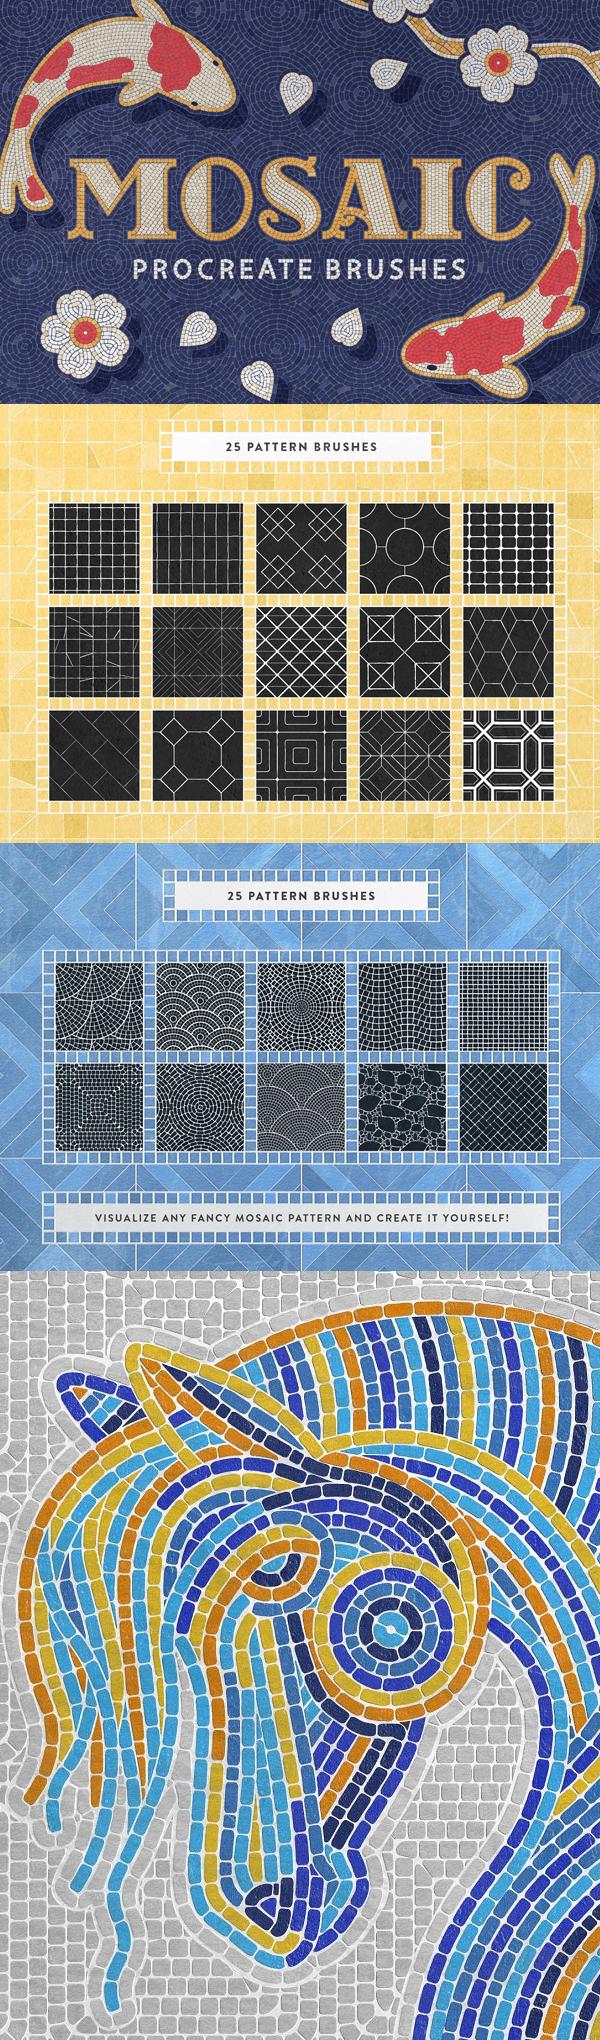 Mosaic Tile Procreate Brushes